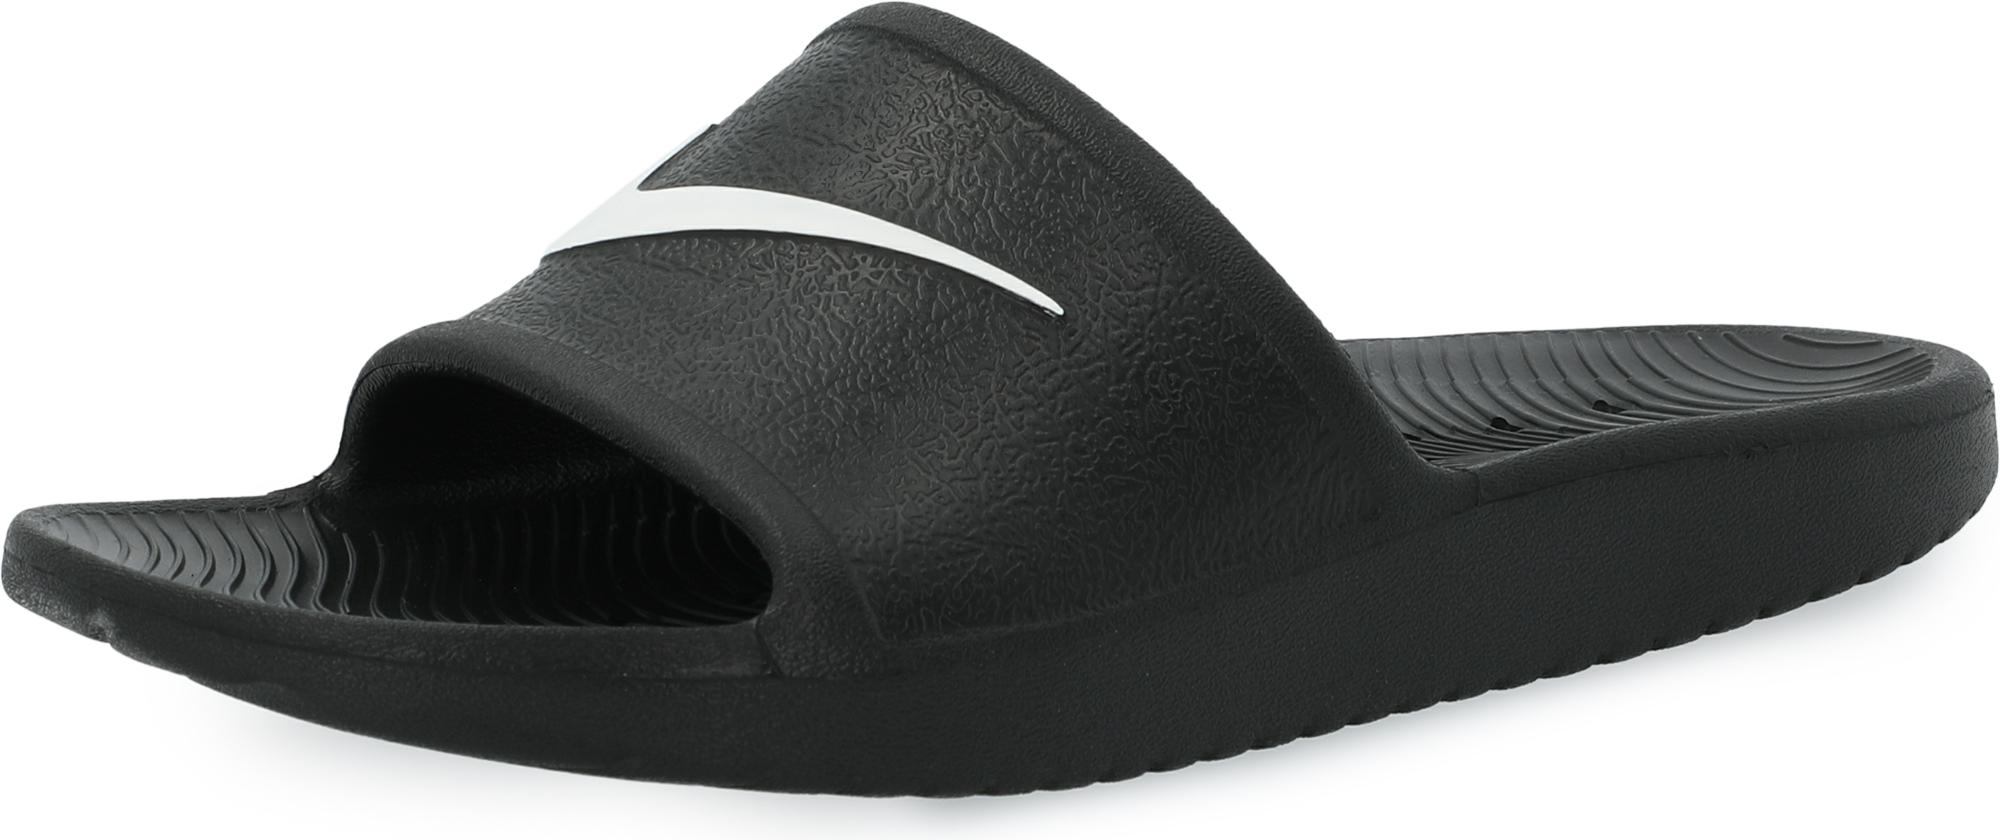 Nike Шлепанцы для мальчиков Nike Kawa Shower, размер 34 цена 2017